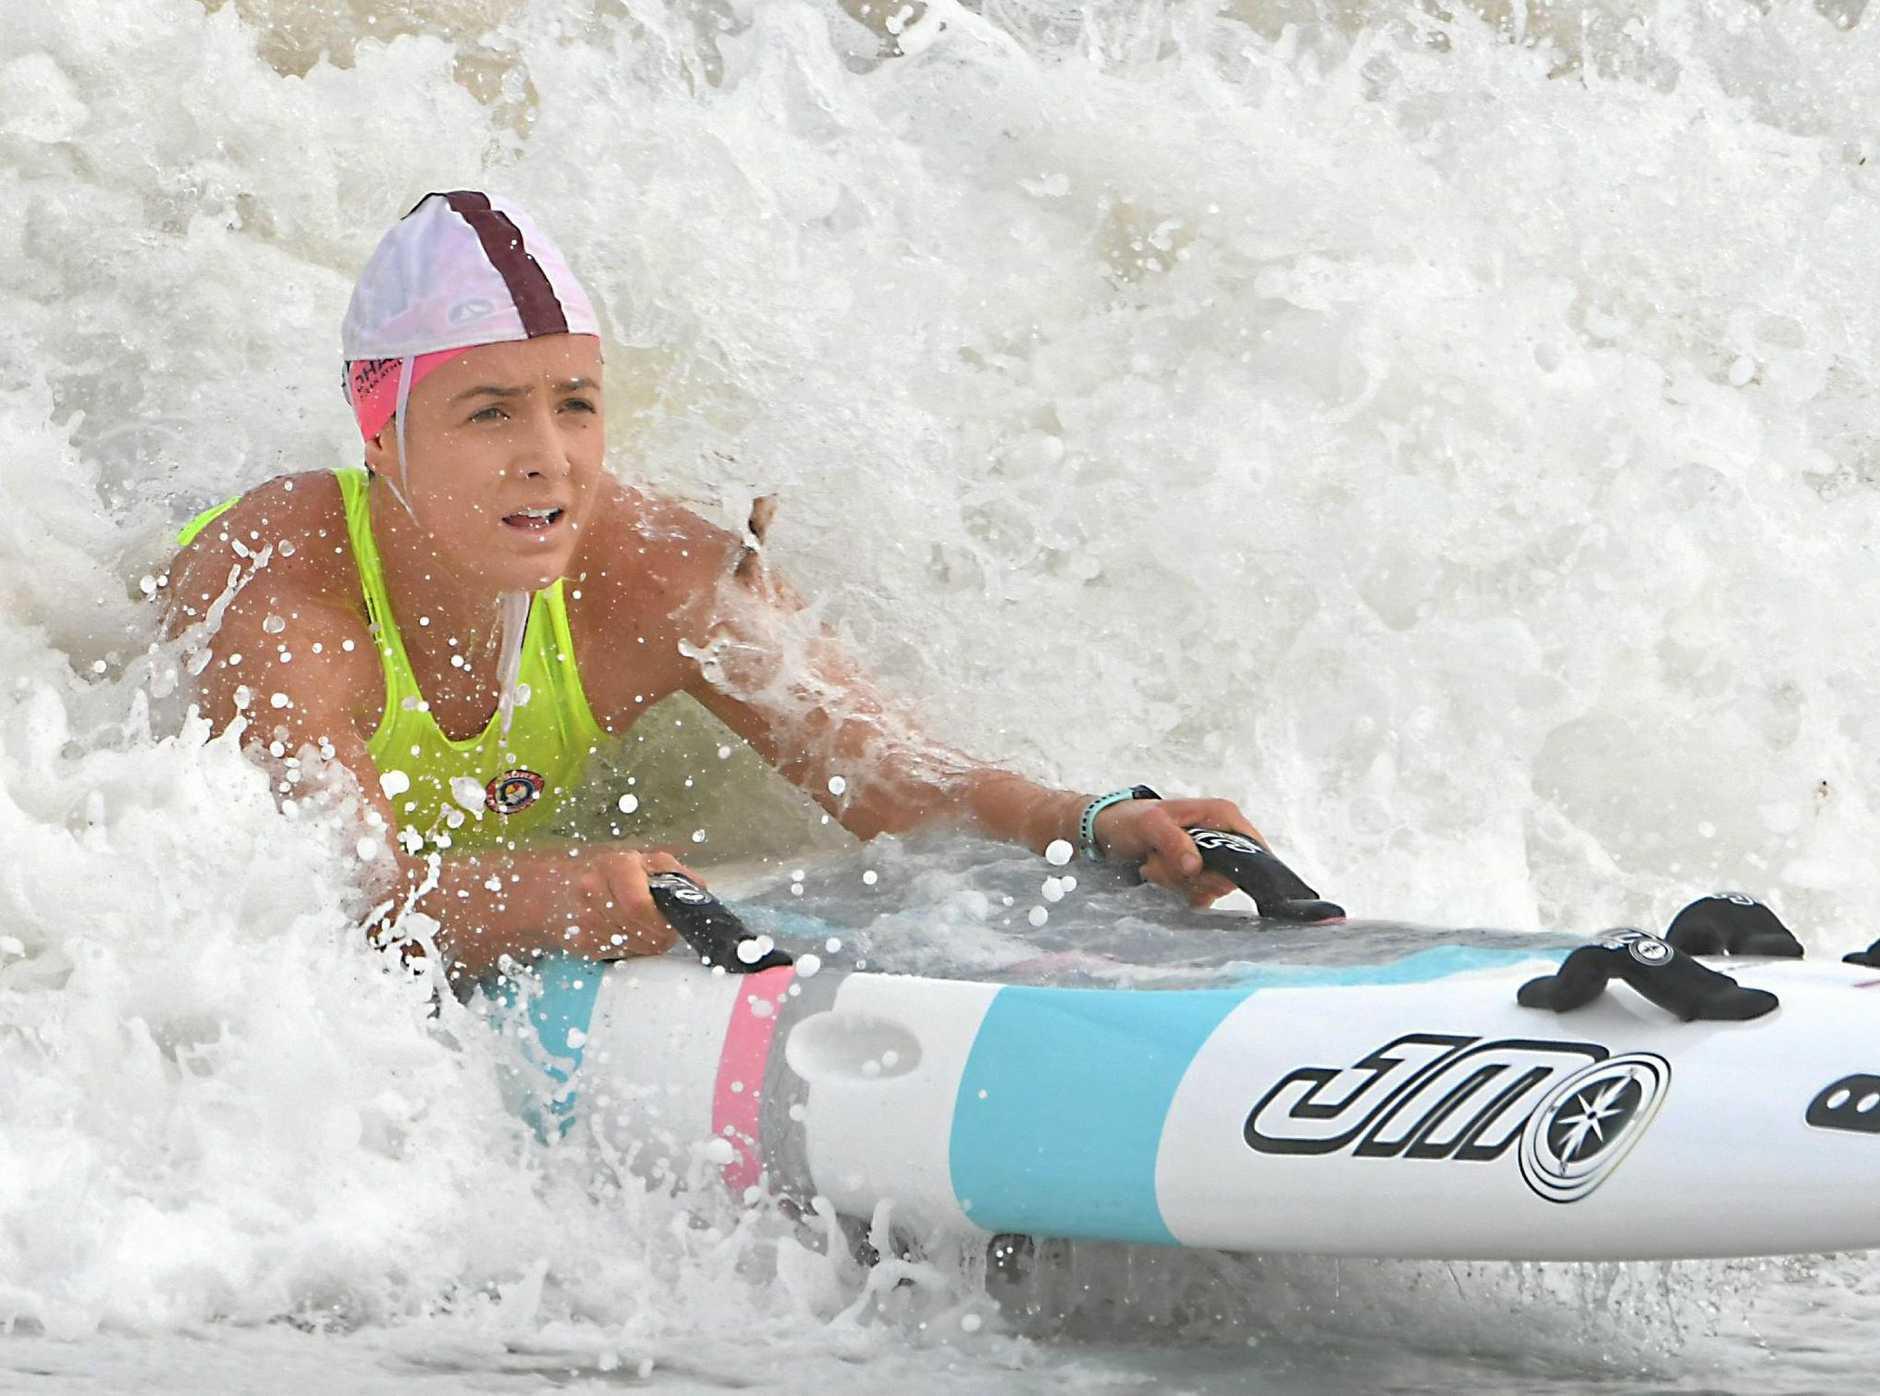 IN THE SURF: Jordan Mercer.